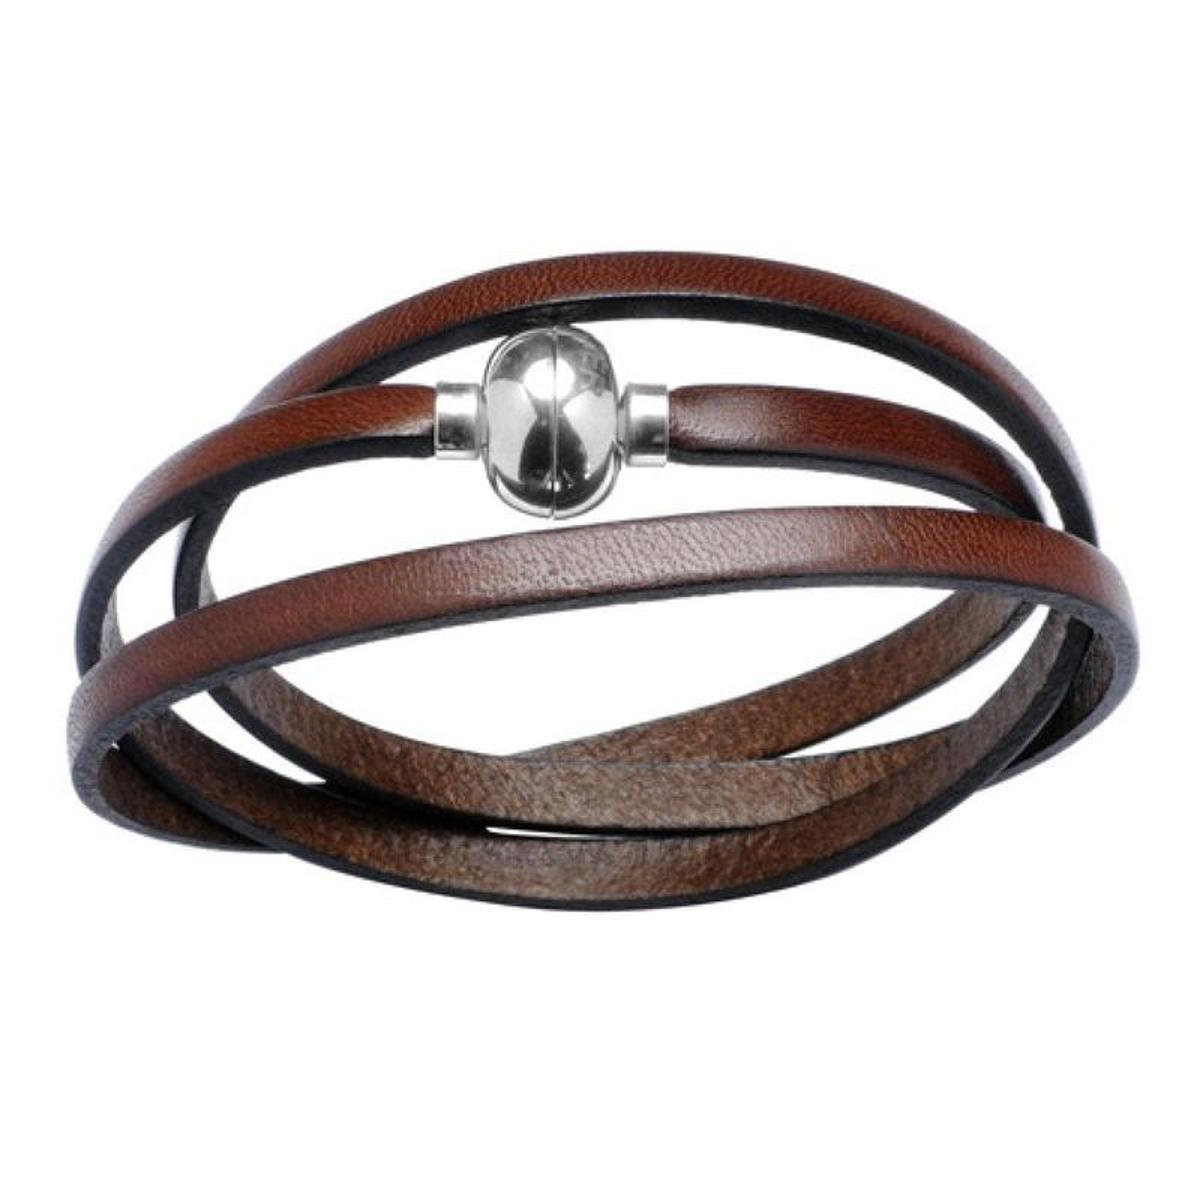 Bracelet 3 Tours Cuir Marron Brun Boule Fermoir Magnétique Acier